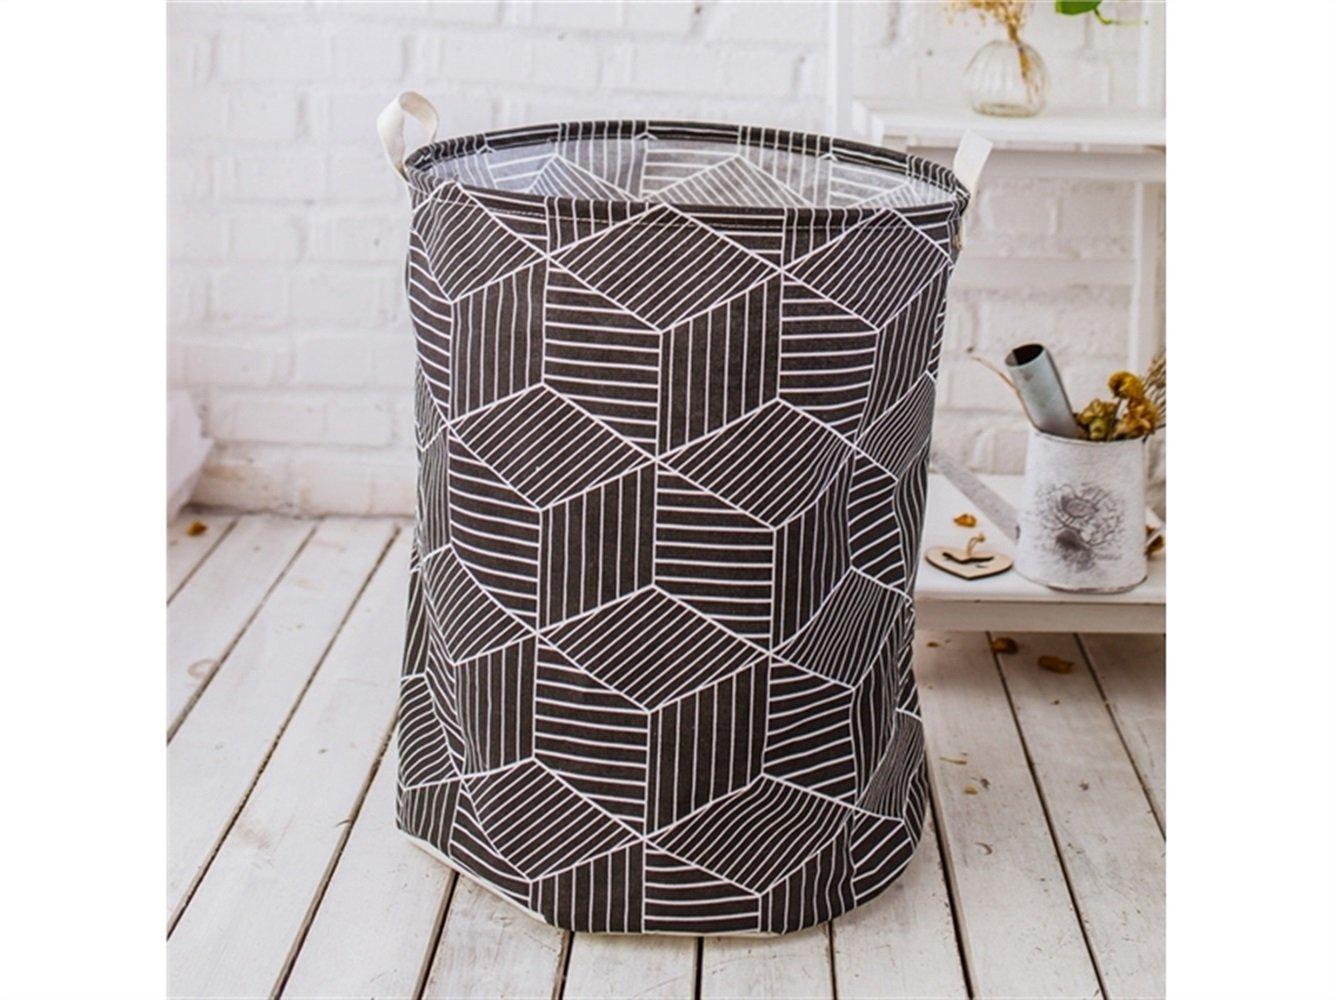 Gelaiken Lightweight Cube Pattern Storage Box Laundry Basket Cotton and Linen Storage Box (Black)